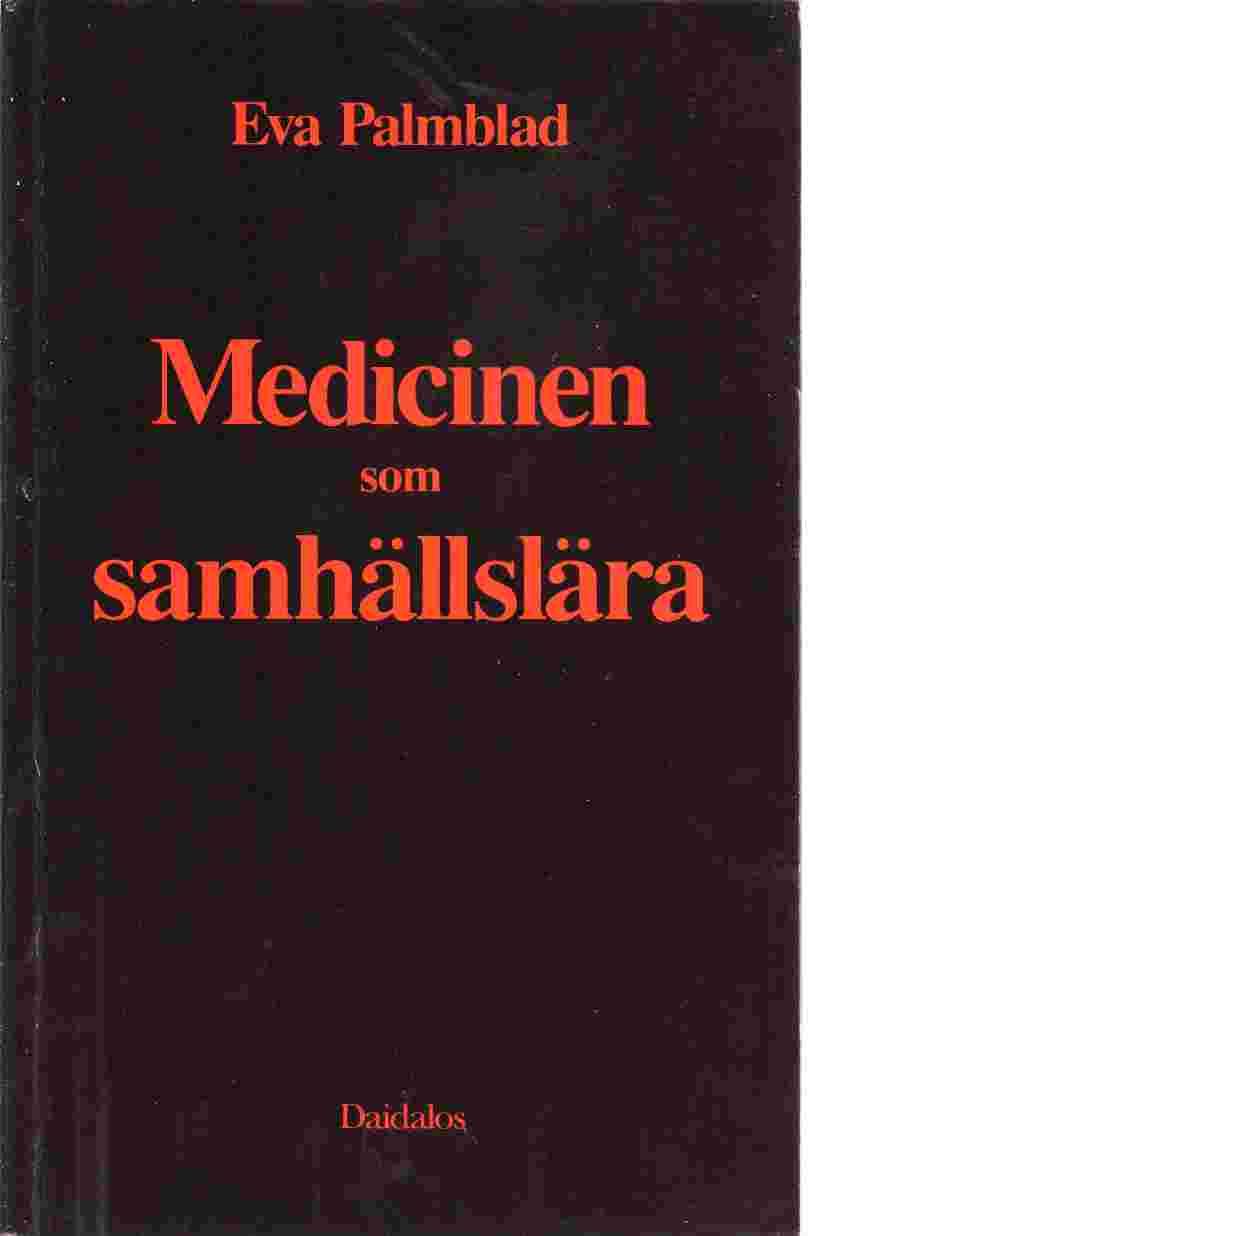 Medicinen som samhällslära - Palmblad, Eva